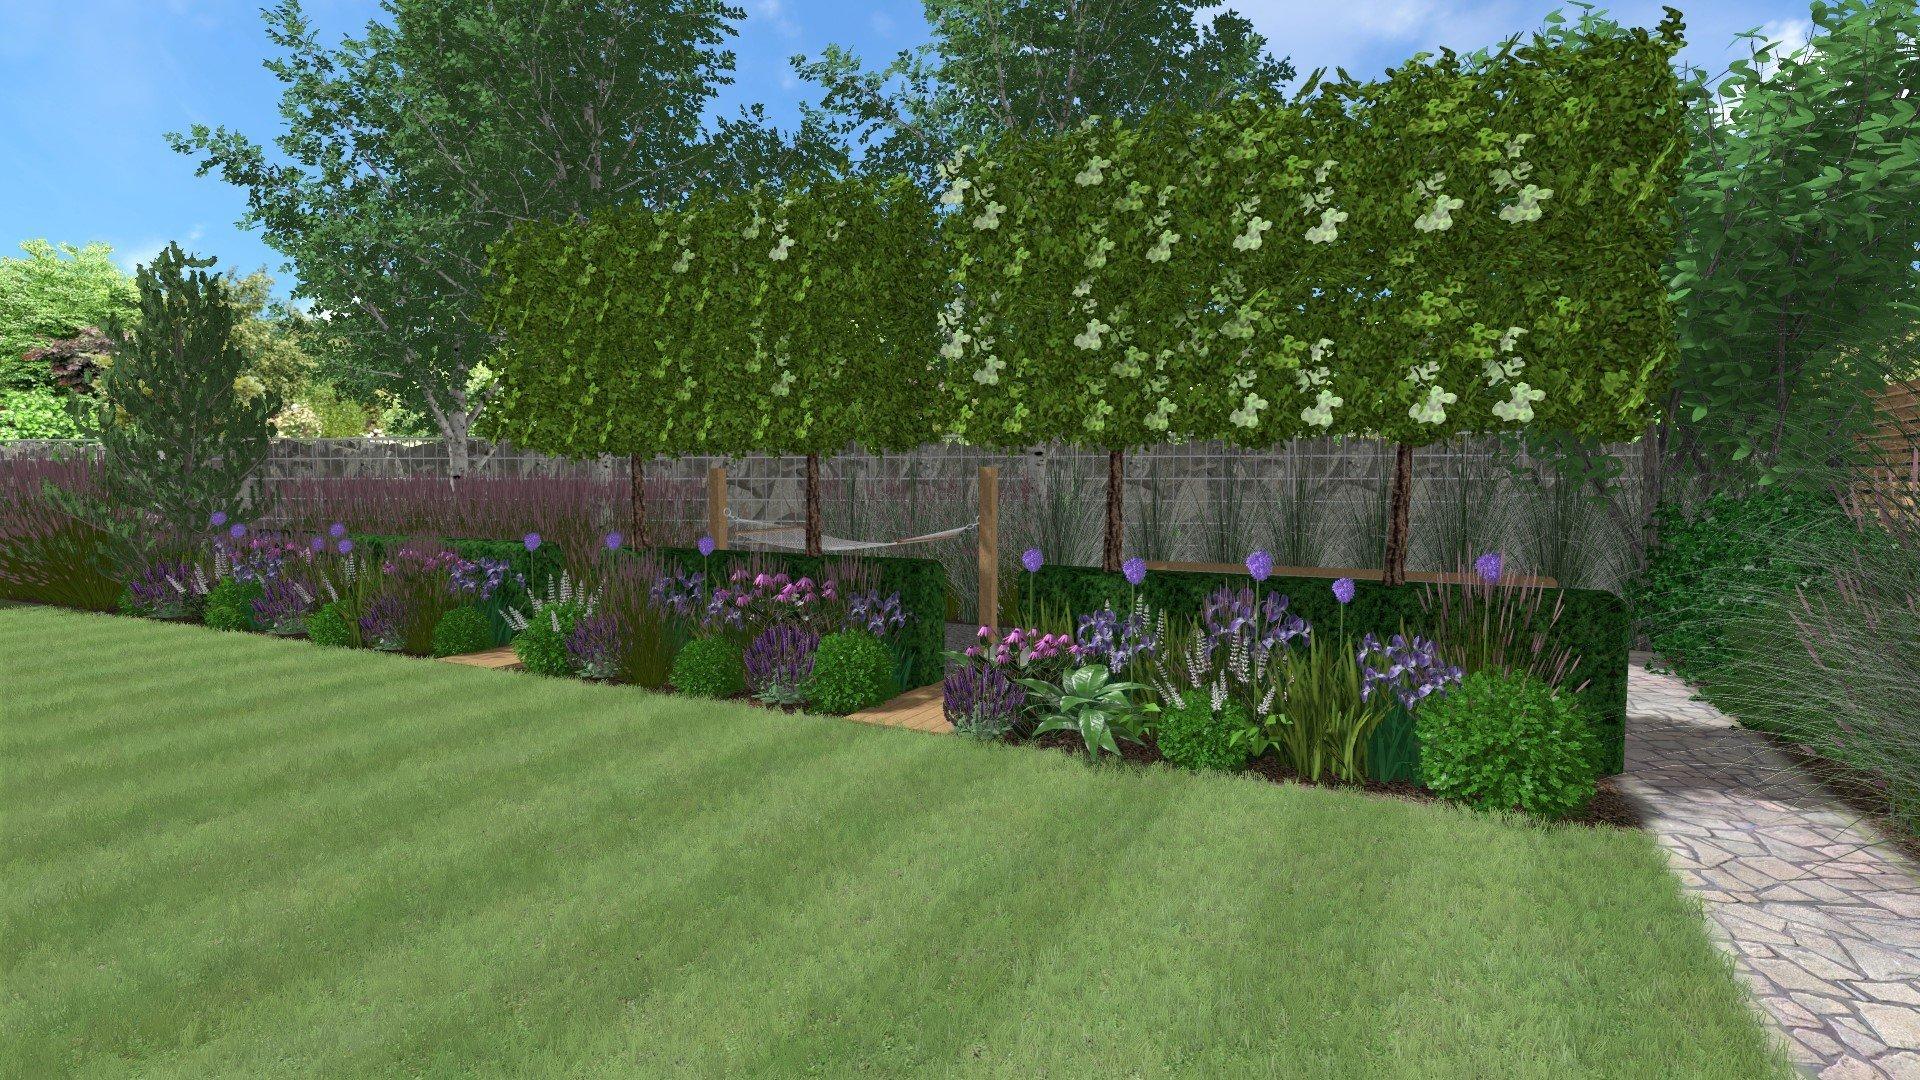 Koncepce zahrady byla vytvořena na základě požadavků klientů a spojením dvou různých představ Investorů ohledně vzhledu a funkcí zahrady. V souladu s pokyny…